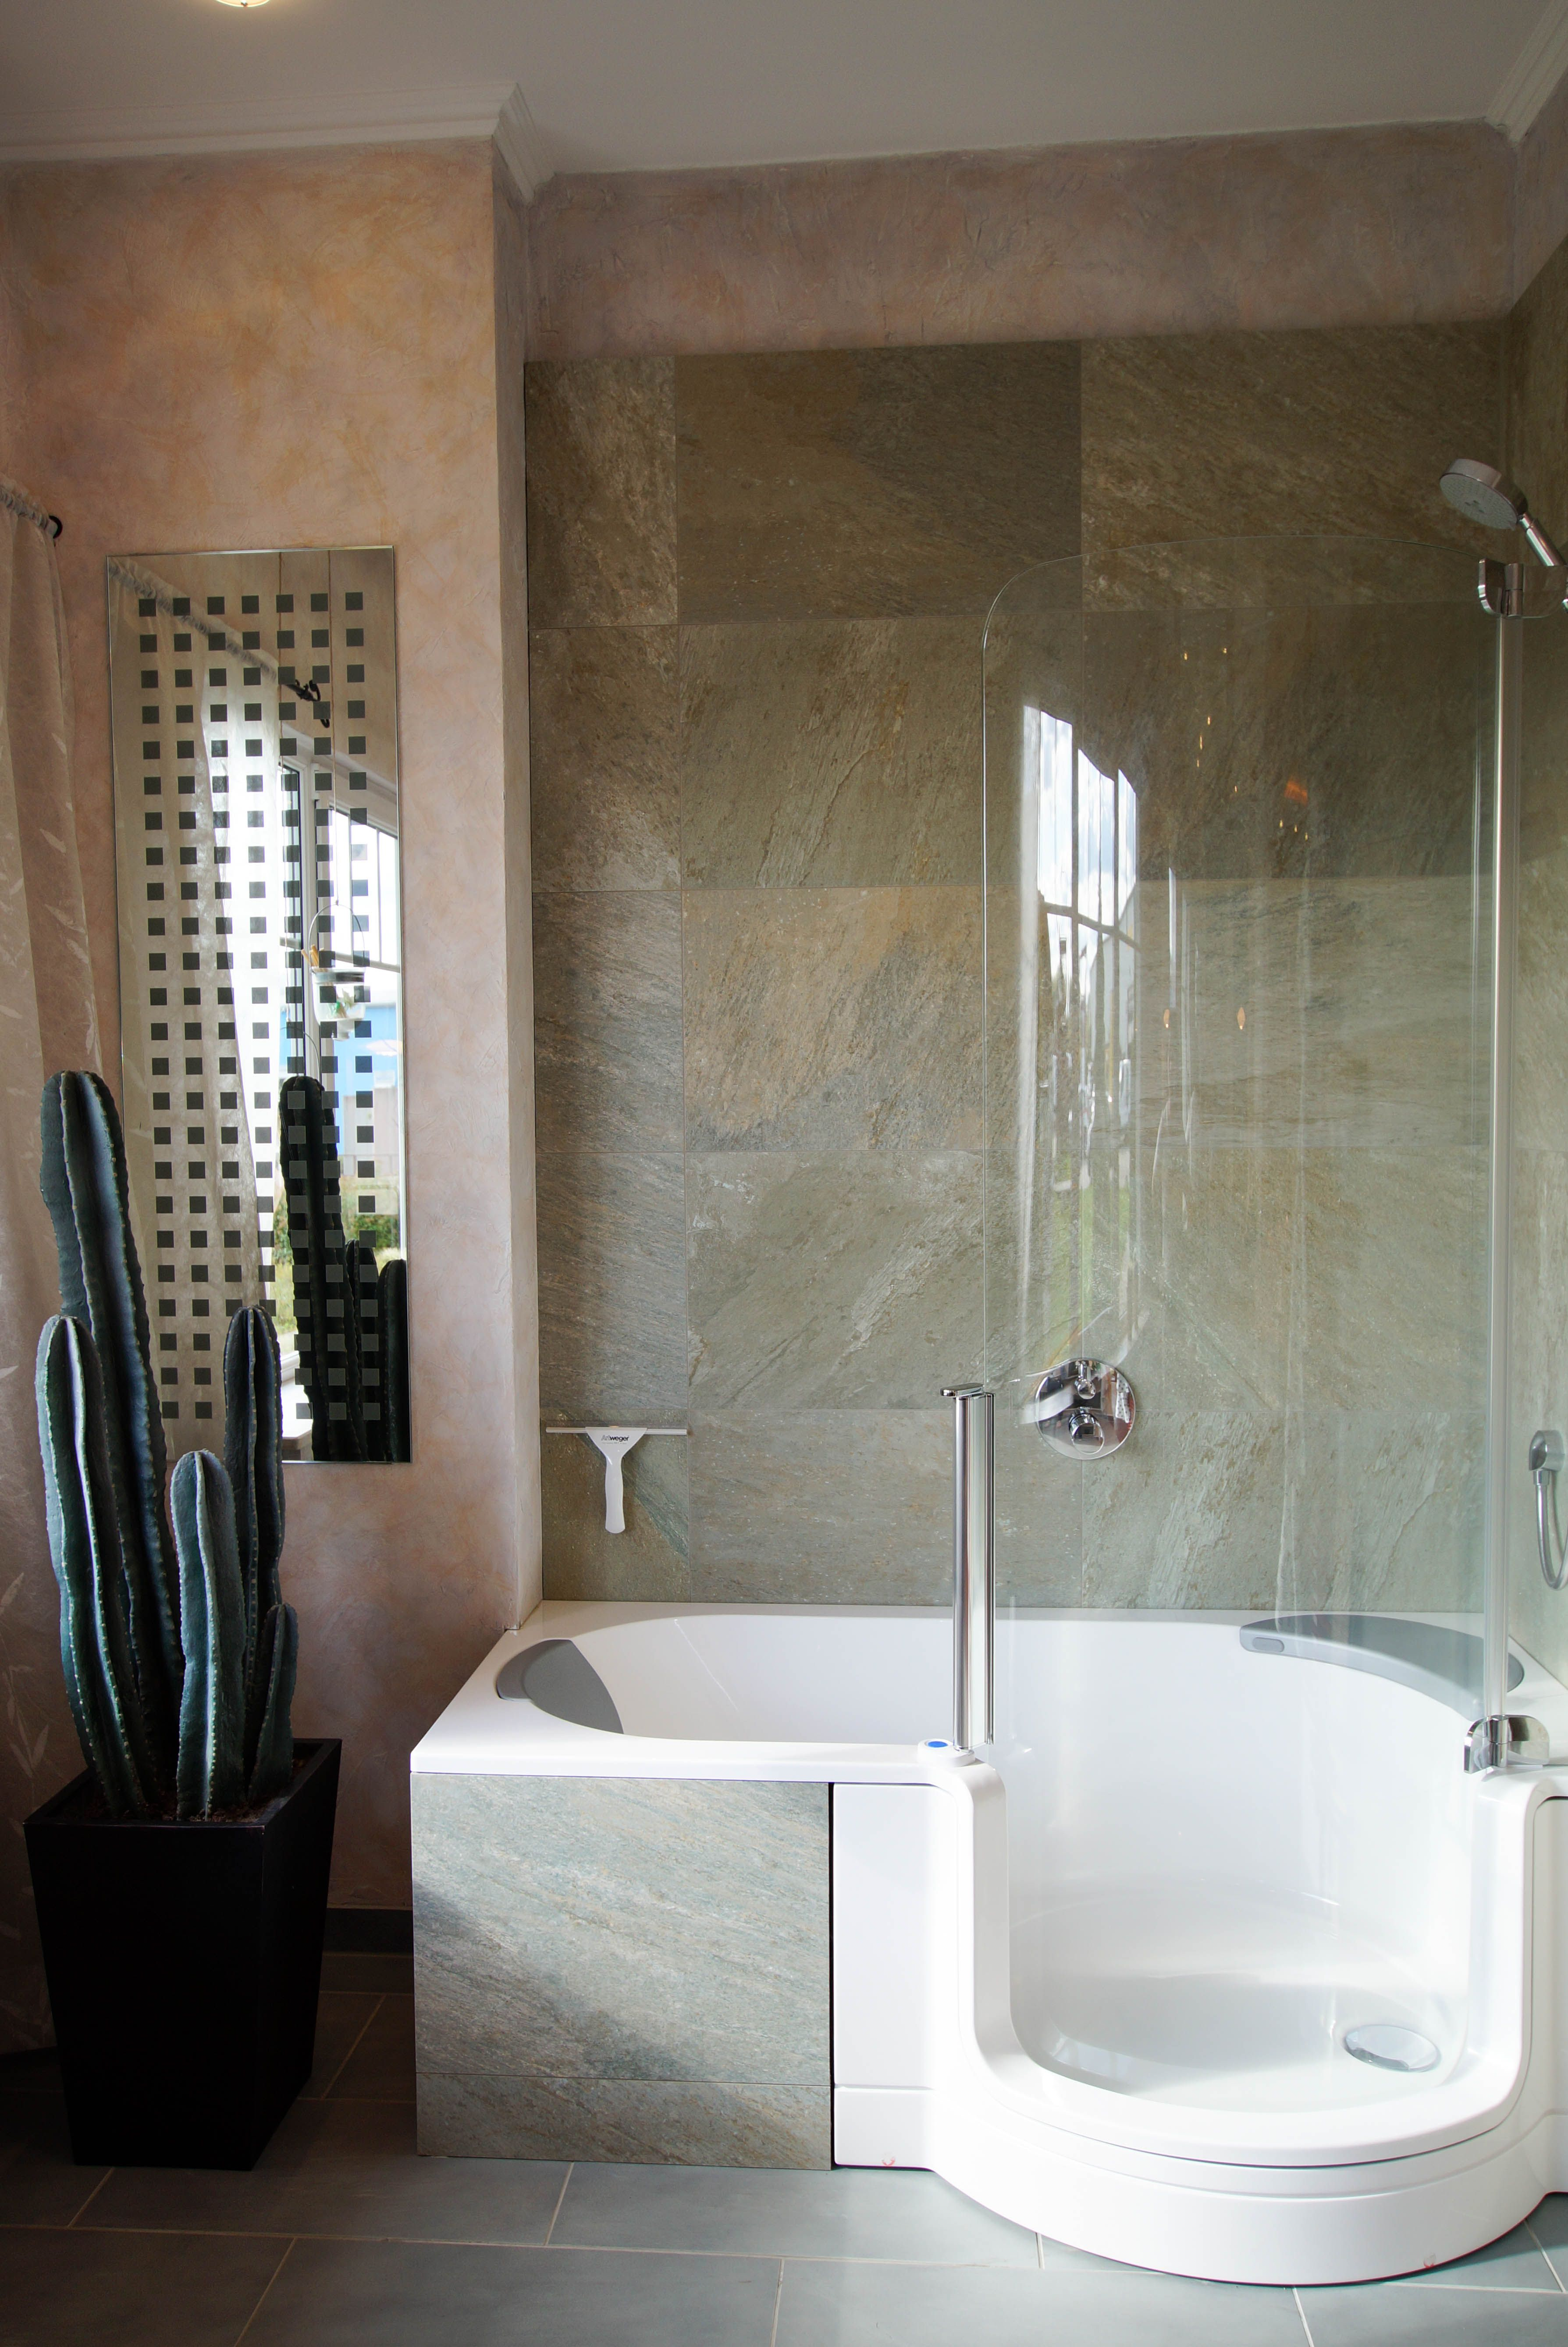 Badausstellung Potsdam Badewanne Mit Dusche Badewanne Mit Einstieg Wanne Mit Dusche